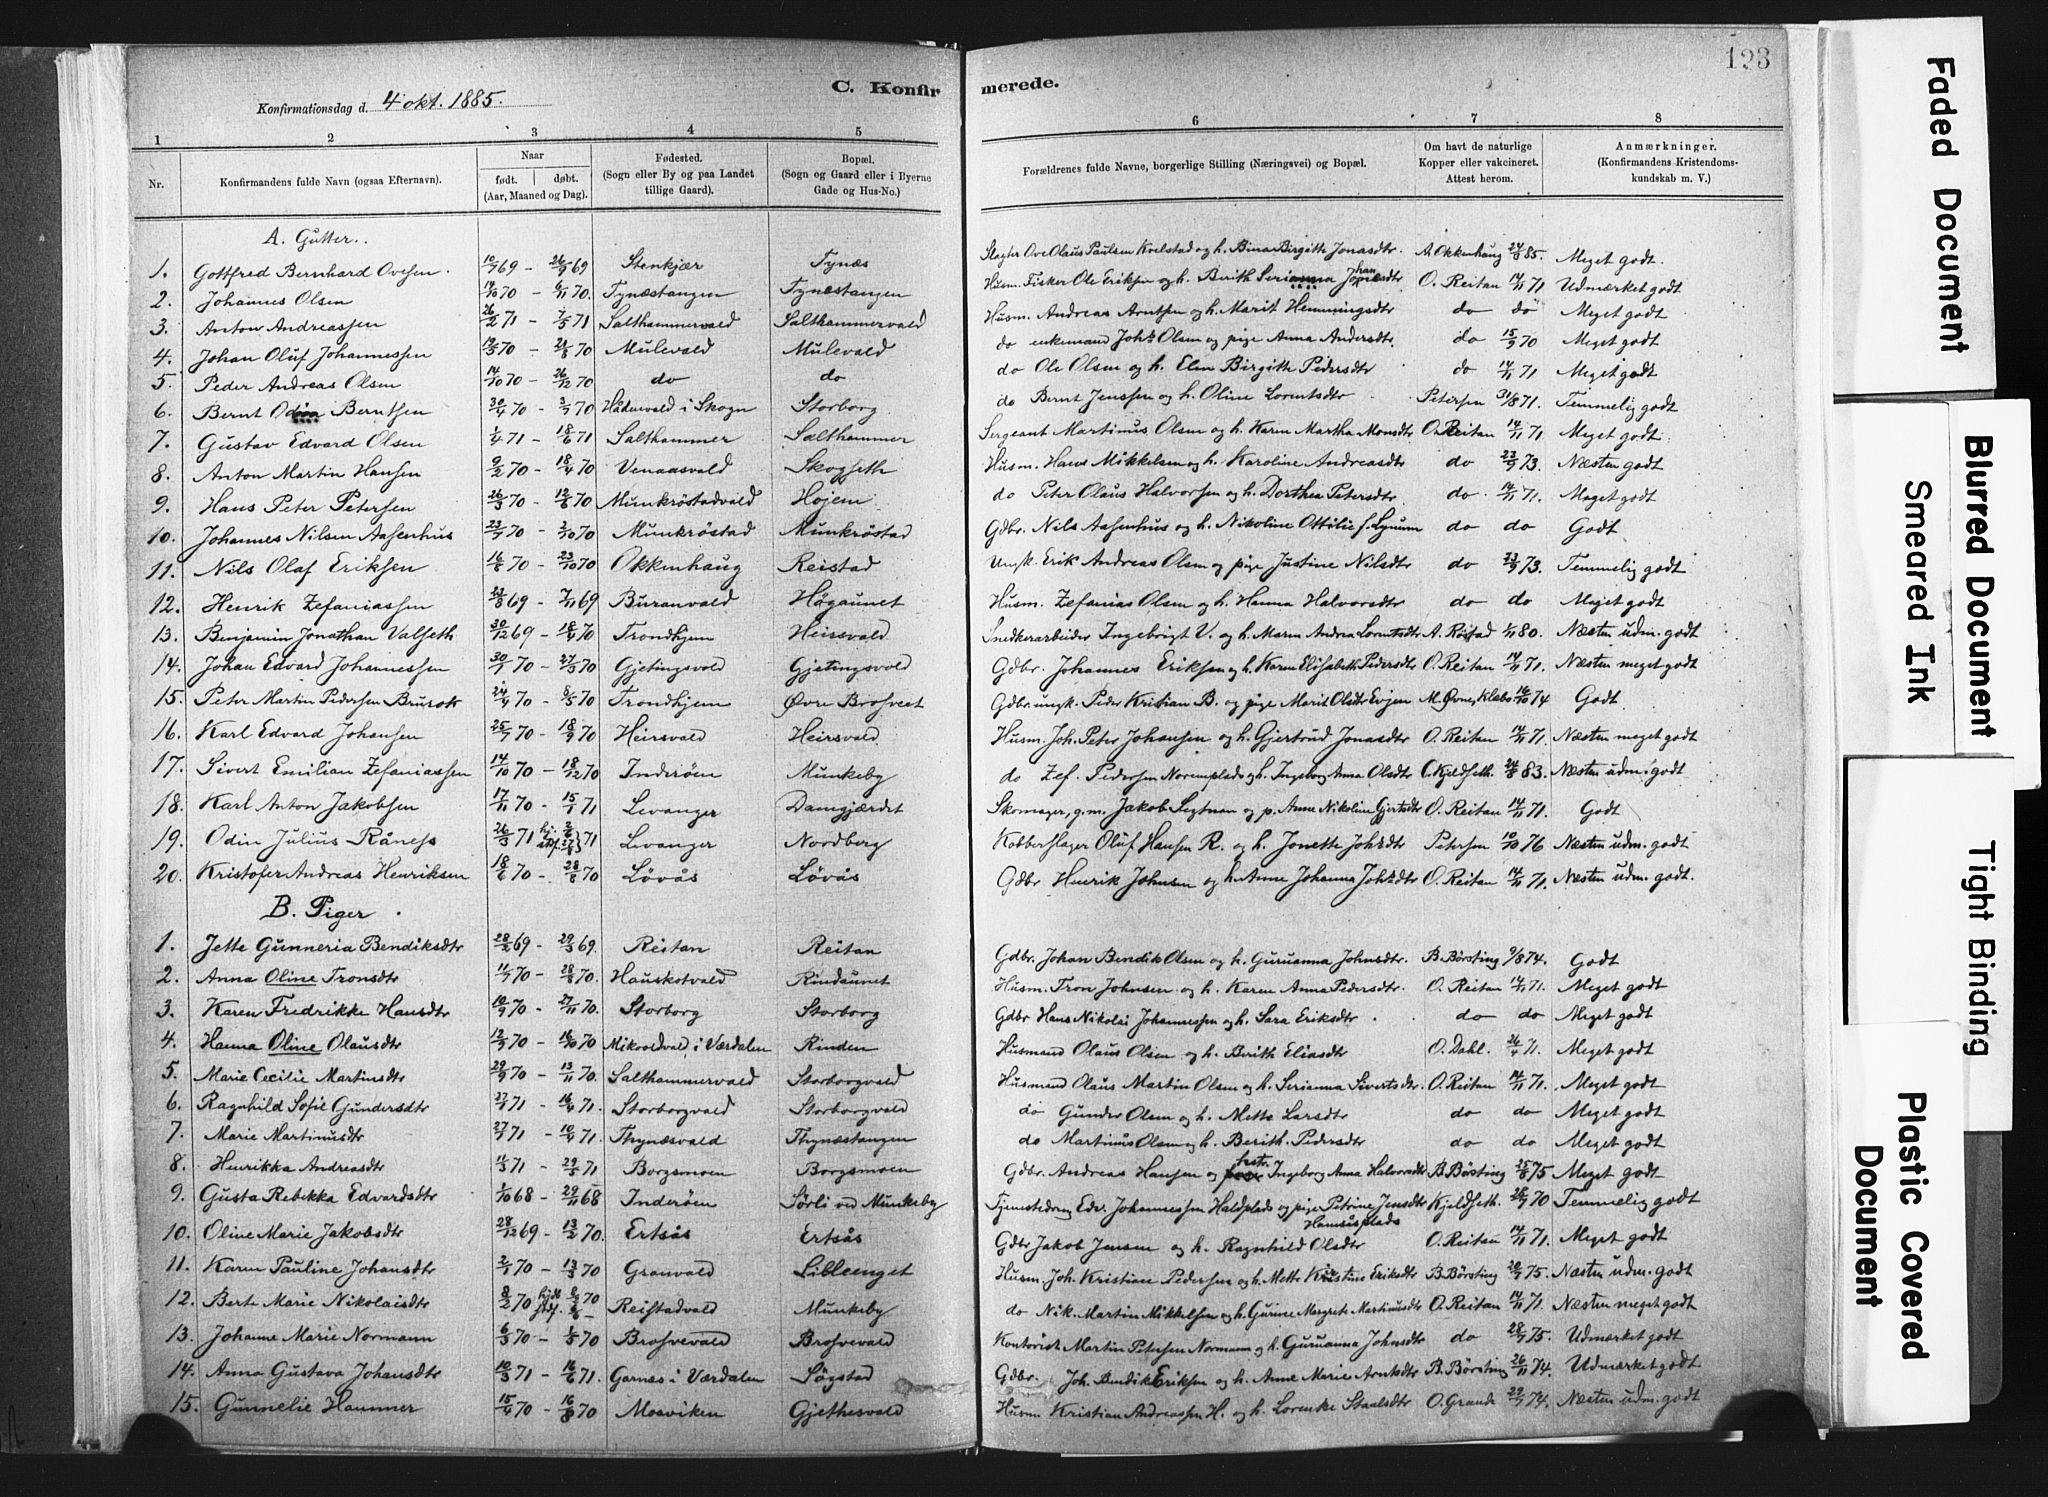 SAT, Ministerialprotokoller, klokkerbøker og fødselsregistre - Nord-Trøndelag, 721/L0207: Ministerialbok nr. 721A02, 1880-1911, s. 123